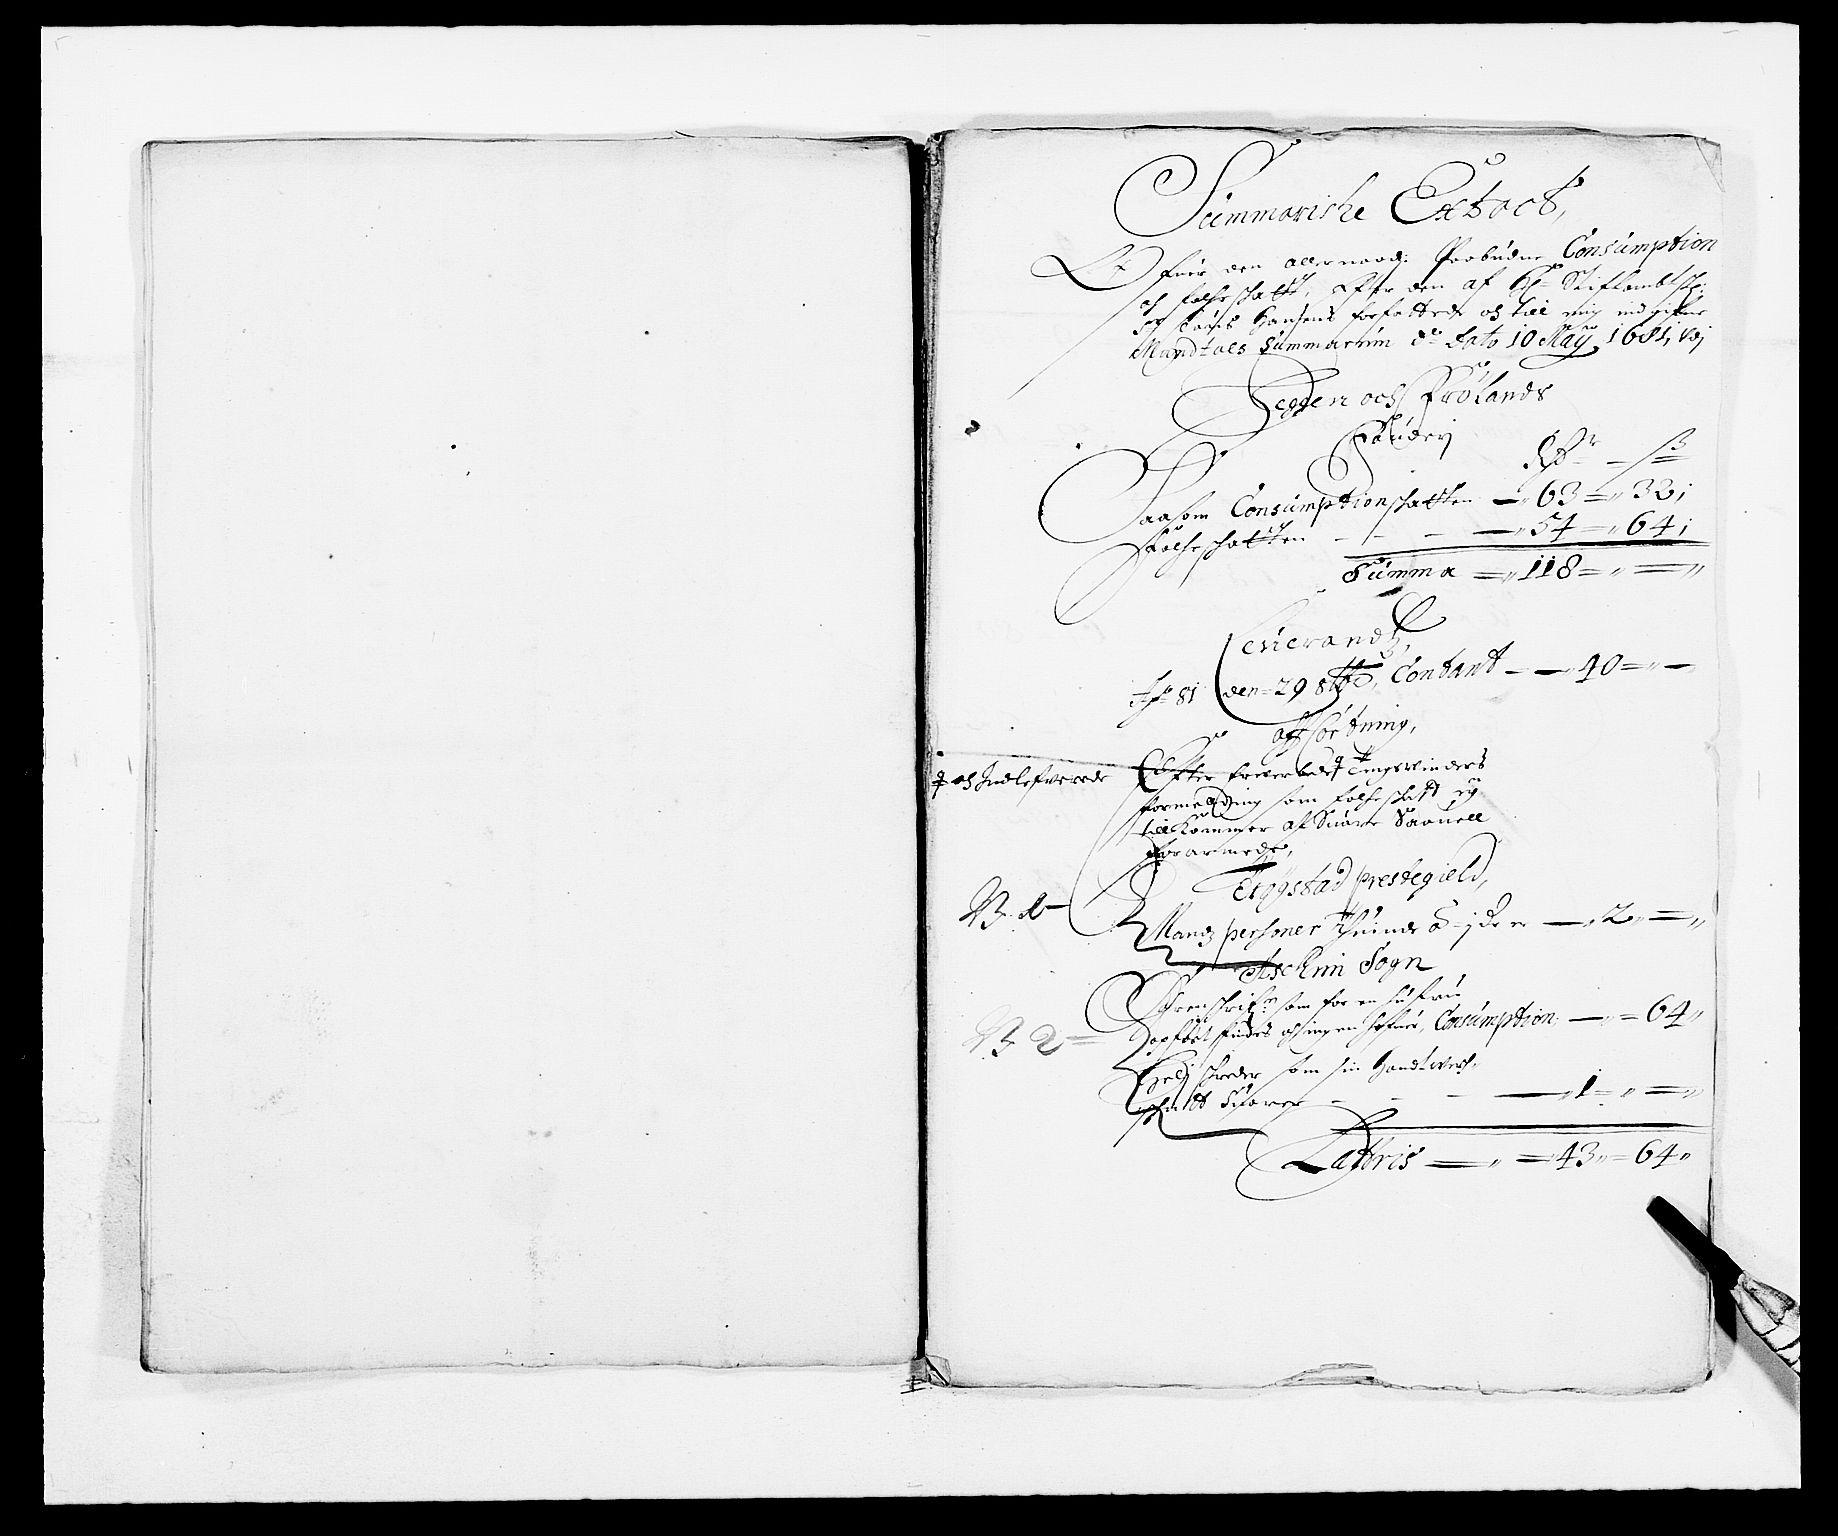 RA, Rentekammeret inntil 1814, Reviderte regnskaper, Fogderegnskap, R06/L0281: Fogderegnskap Heggen og Frøland, 1678-1686, s. 188